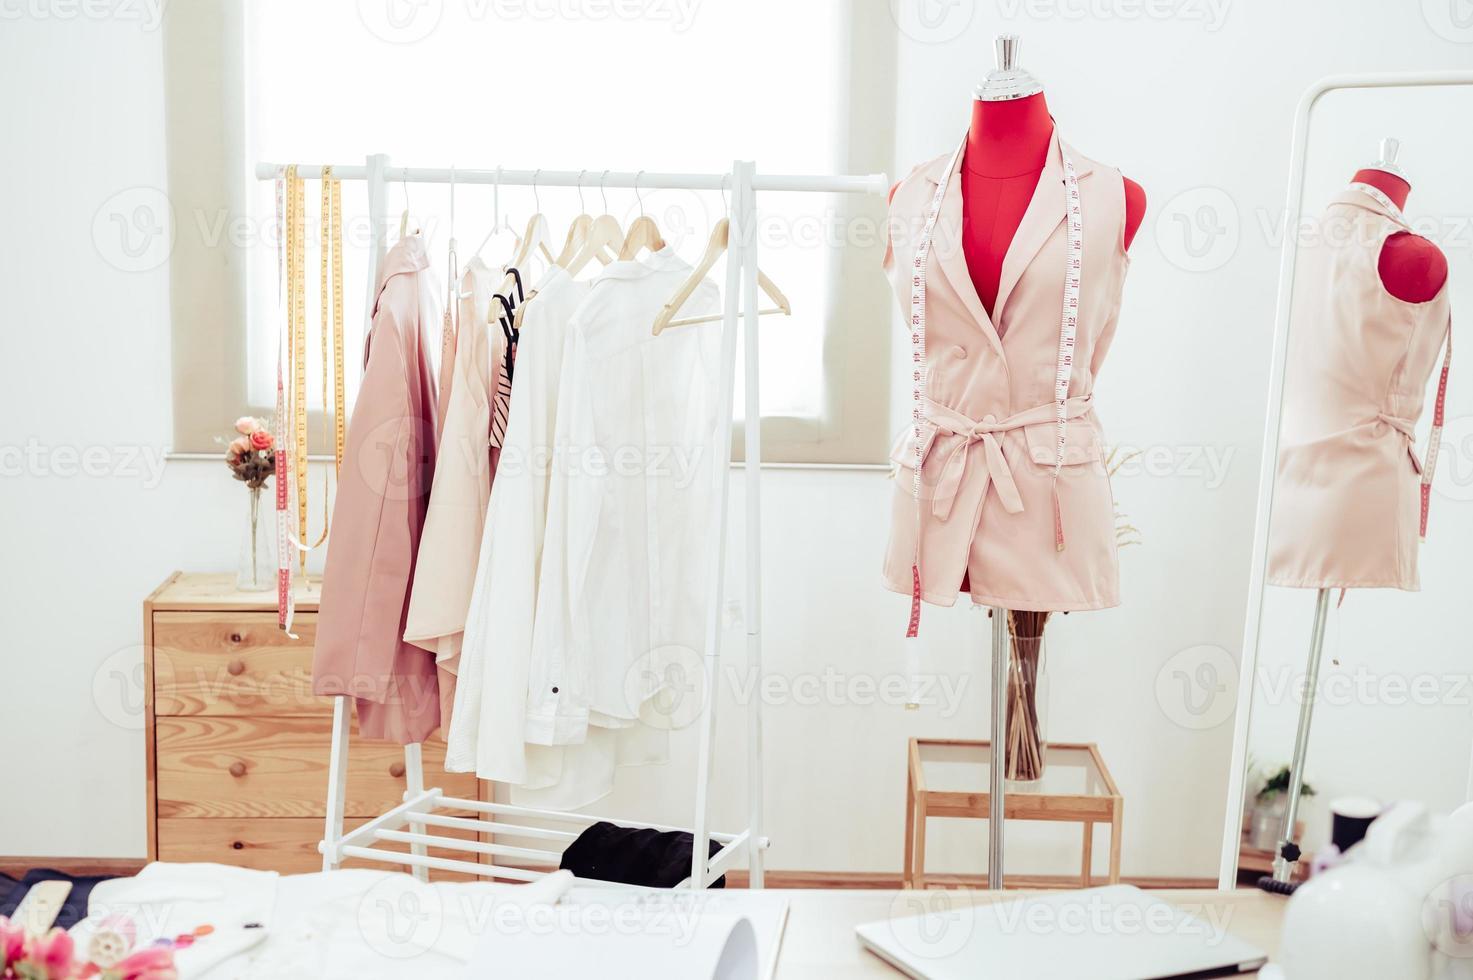 atelier de studio d'exposition de créateur de mode photo